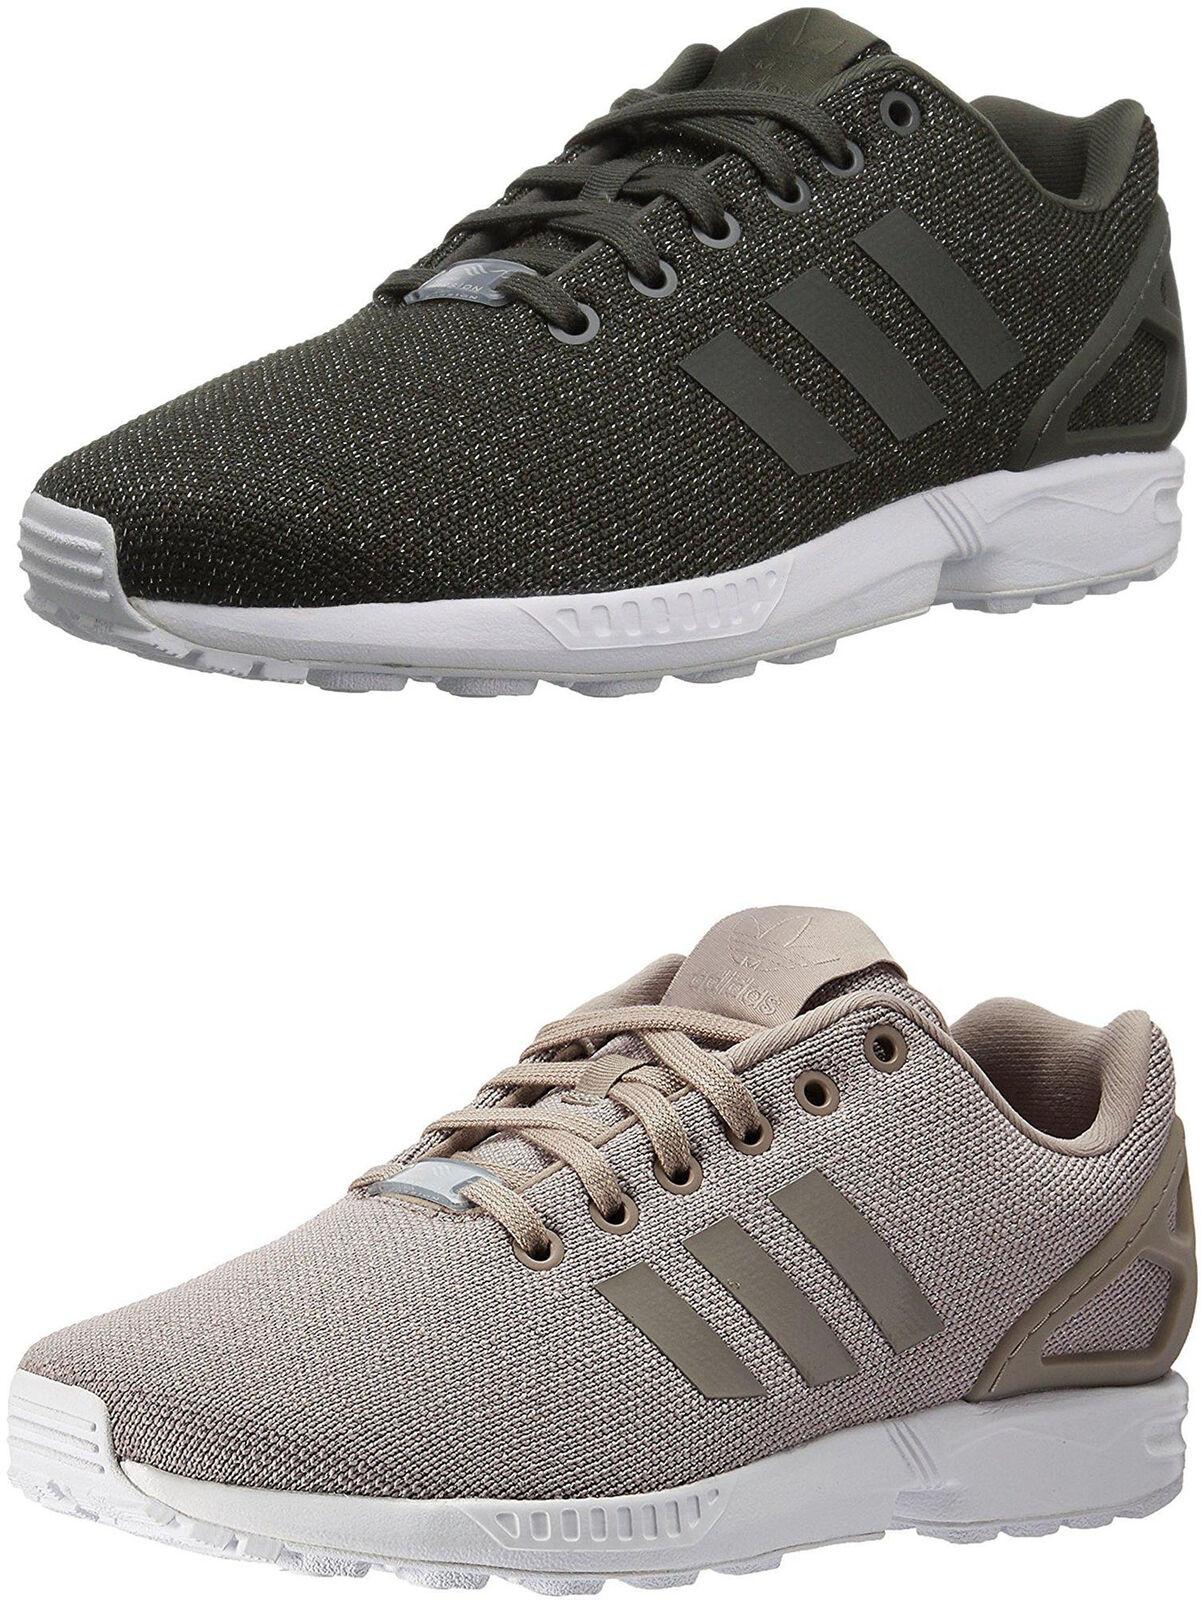 adidas Originals Women s ZX Flux Running Shoes d0f3fca26d